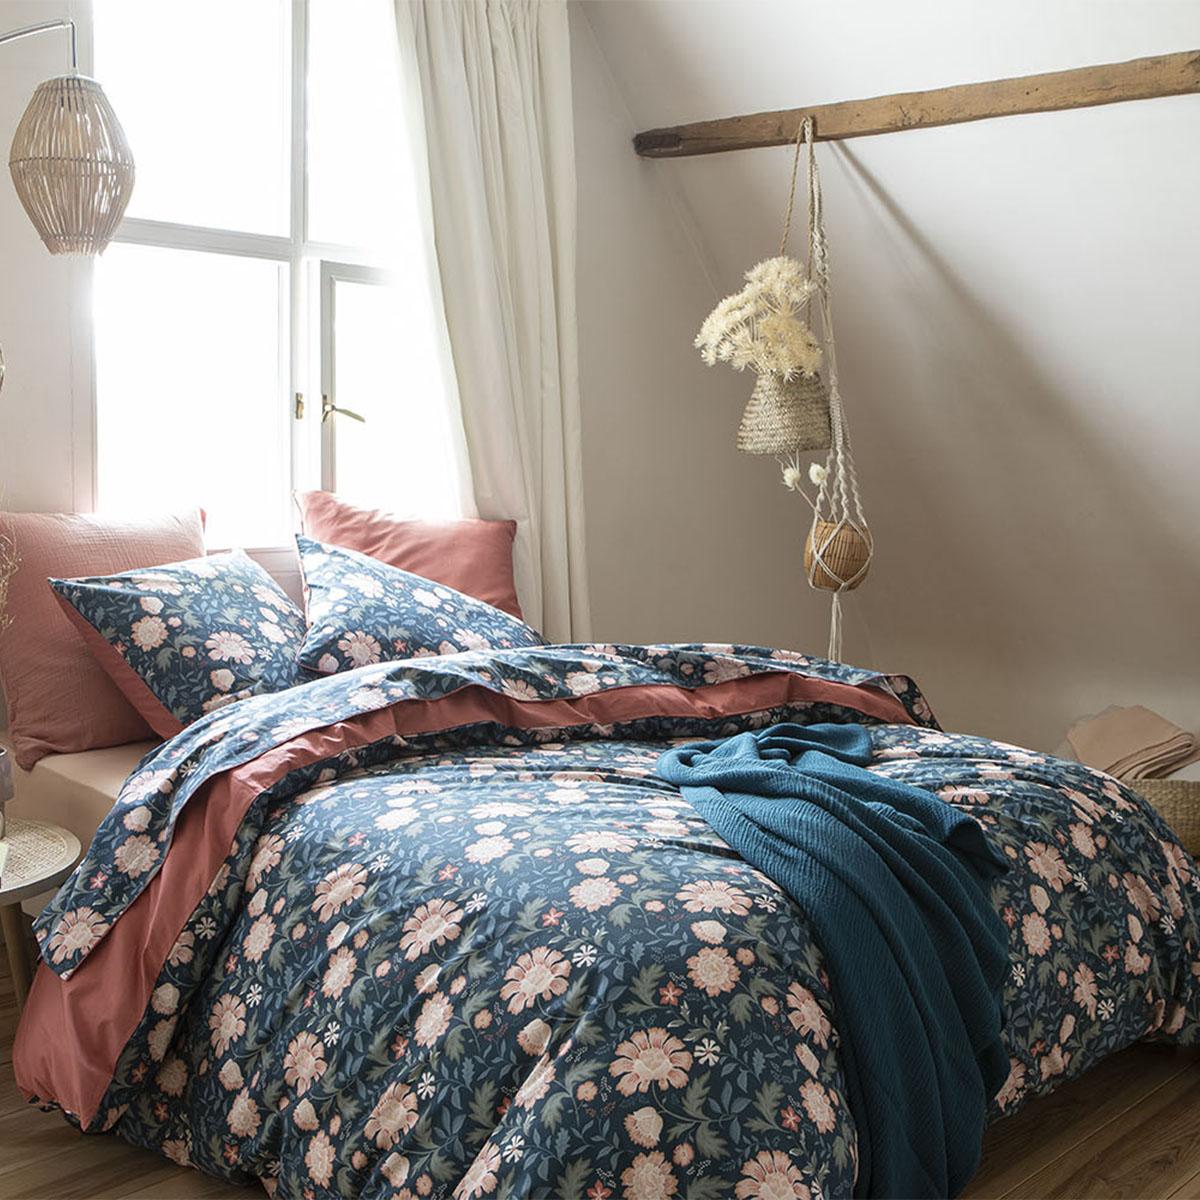 Parure de lit Housse de couette 200x200 + taie carrée, Fairy Blossom